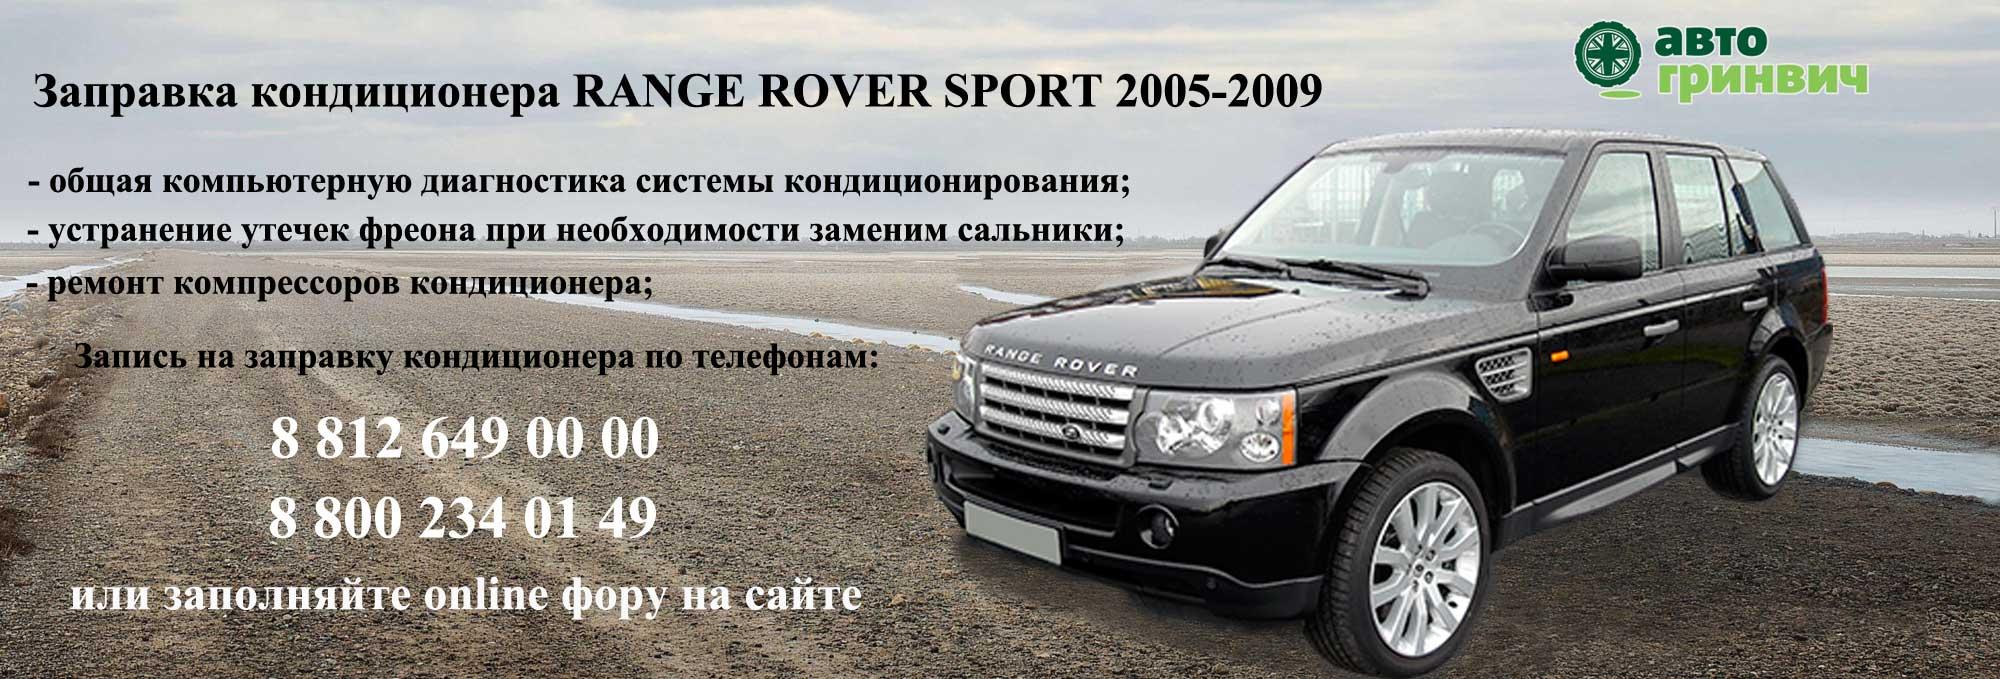 Заправка кондиционера RANGE ROVER SPORT 2005-2009